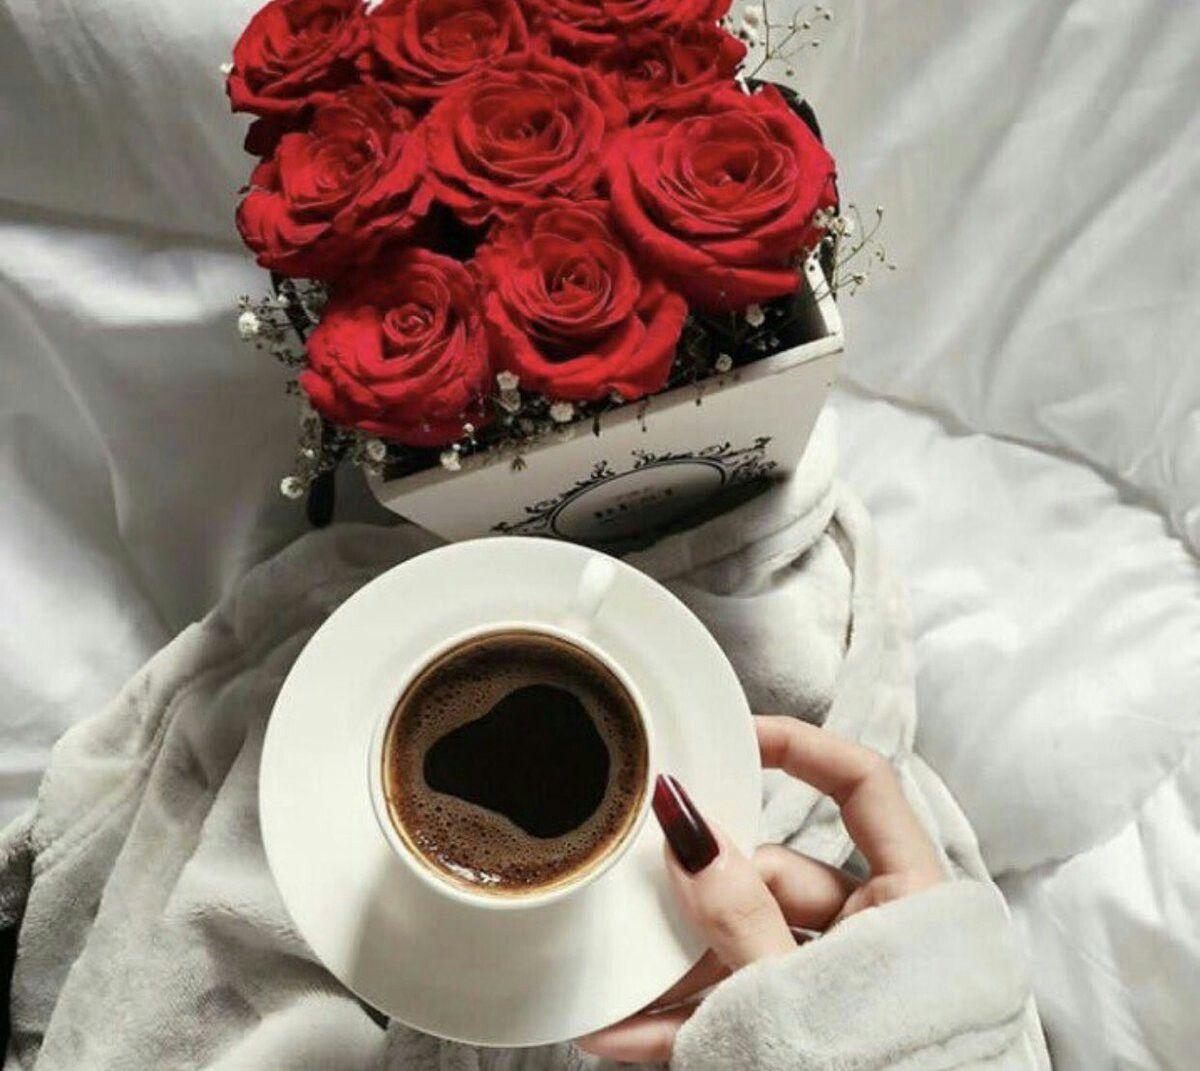 لـ المساء اللي يبتدي بطاريك م آجمله انت مسائي و قهوتي و سيد مزاجي Food And Drink Food Tea Lover